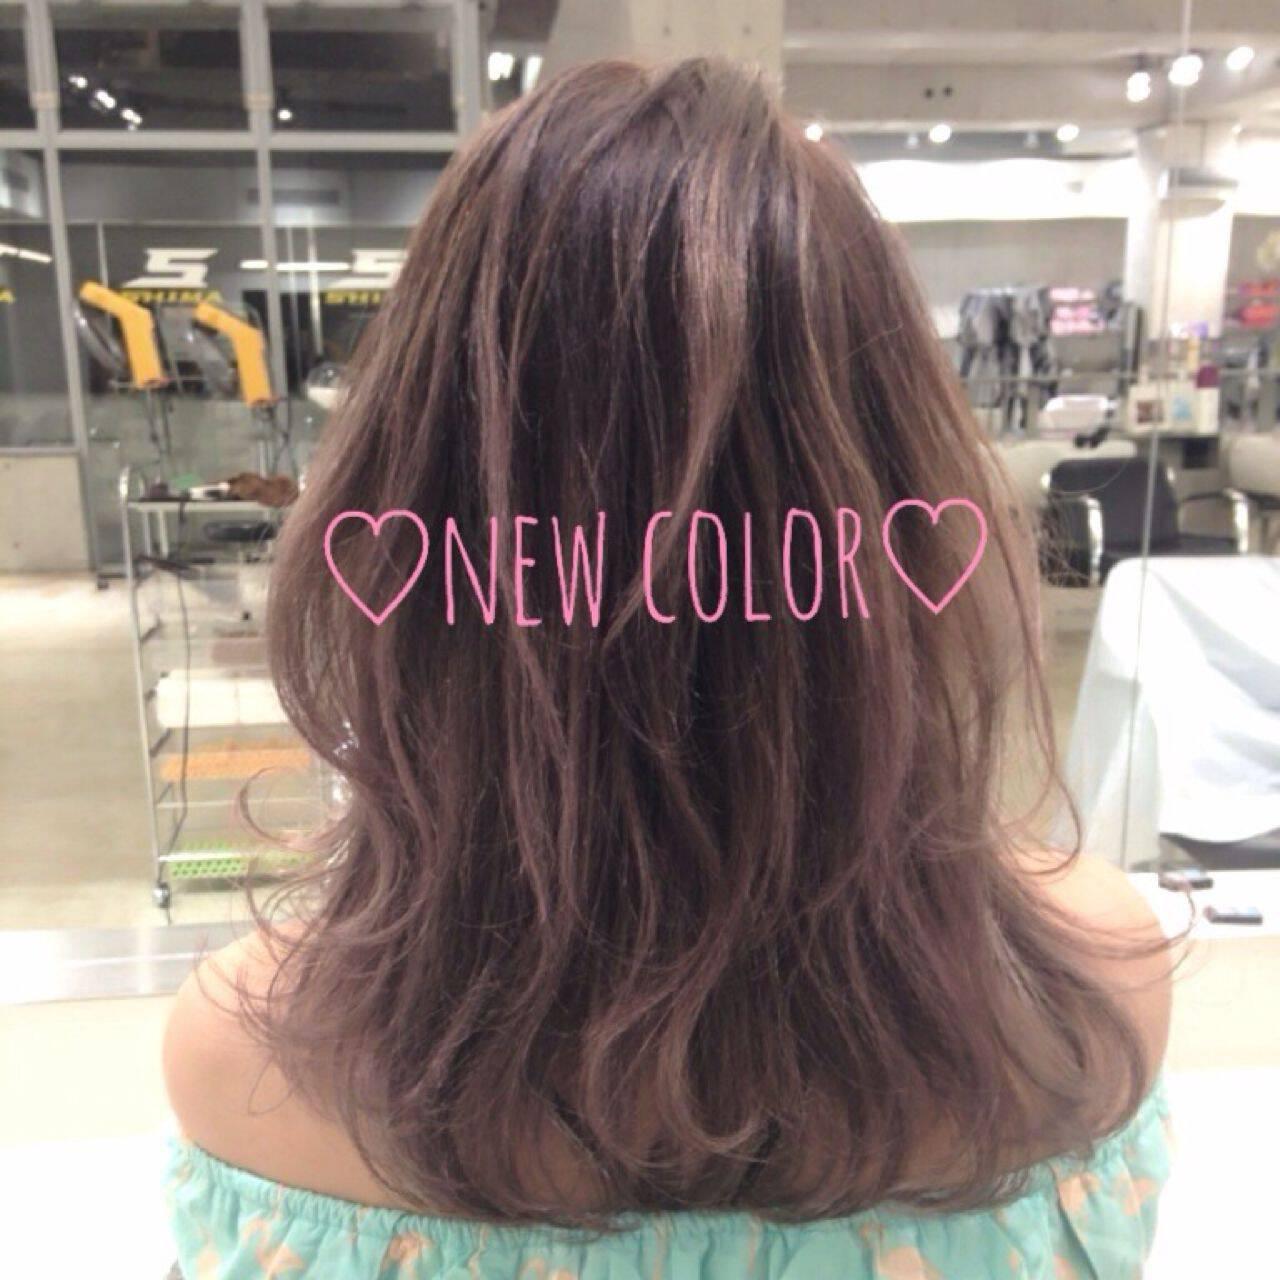 グラデーションカラー 外国人風 ローライト ブラウンベージュヘアスタイルや髪型の写真・画像